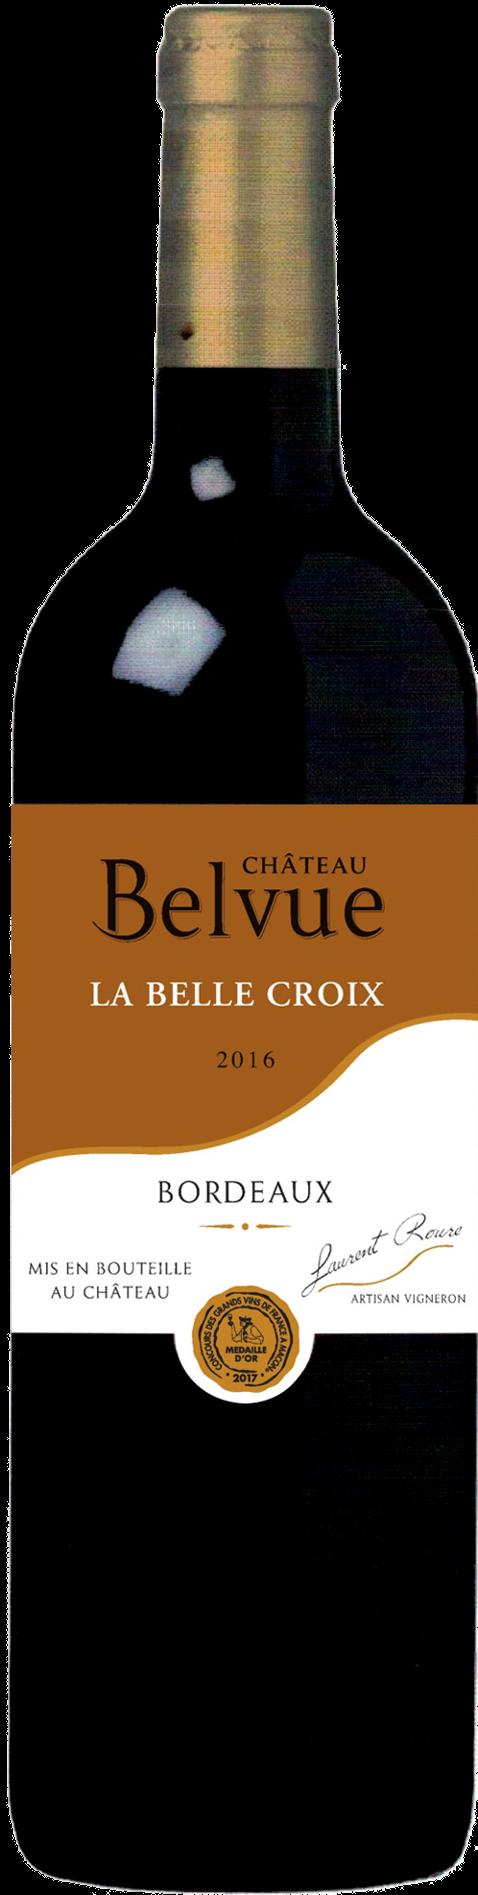 Visuel Belvue 2016b